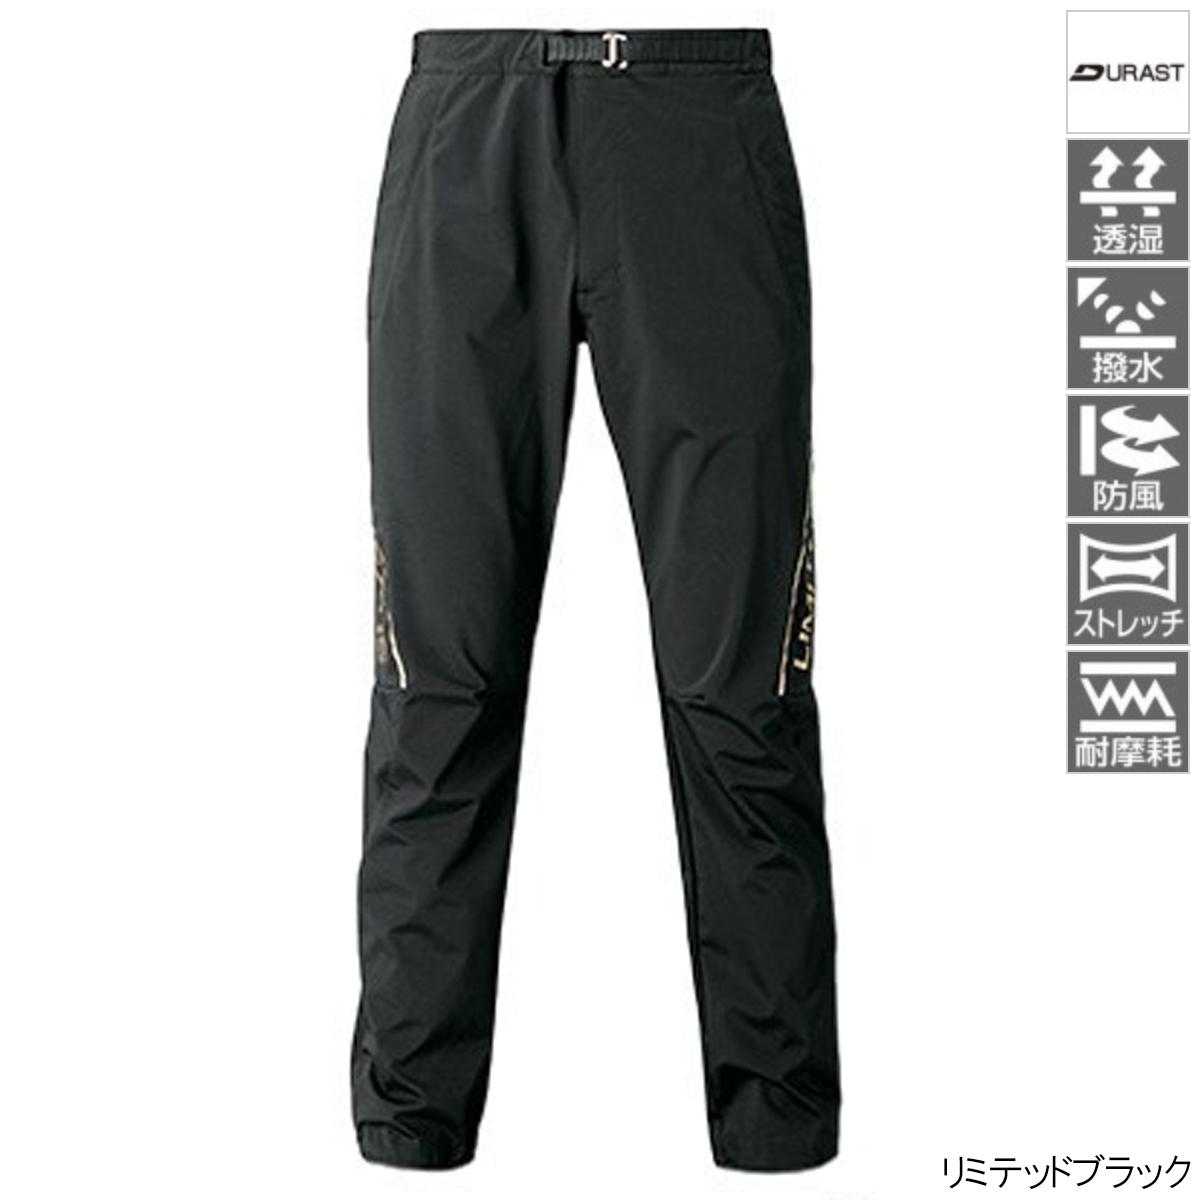 NEXUS DURAST パンツ LIMITED PRO WP-131T XL リミテッドブラック シマノ